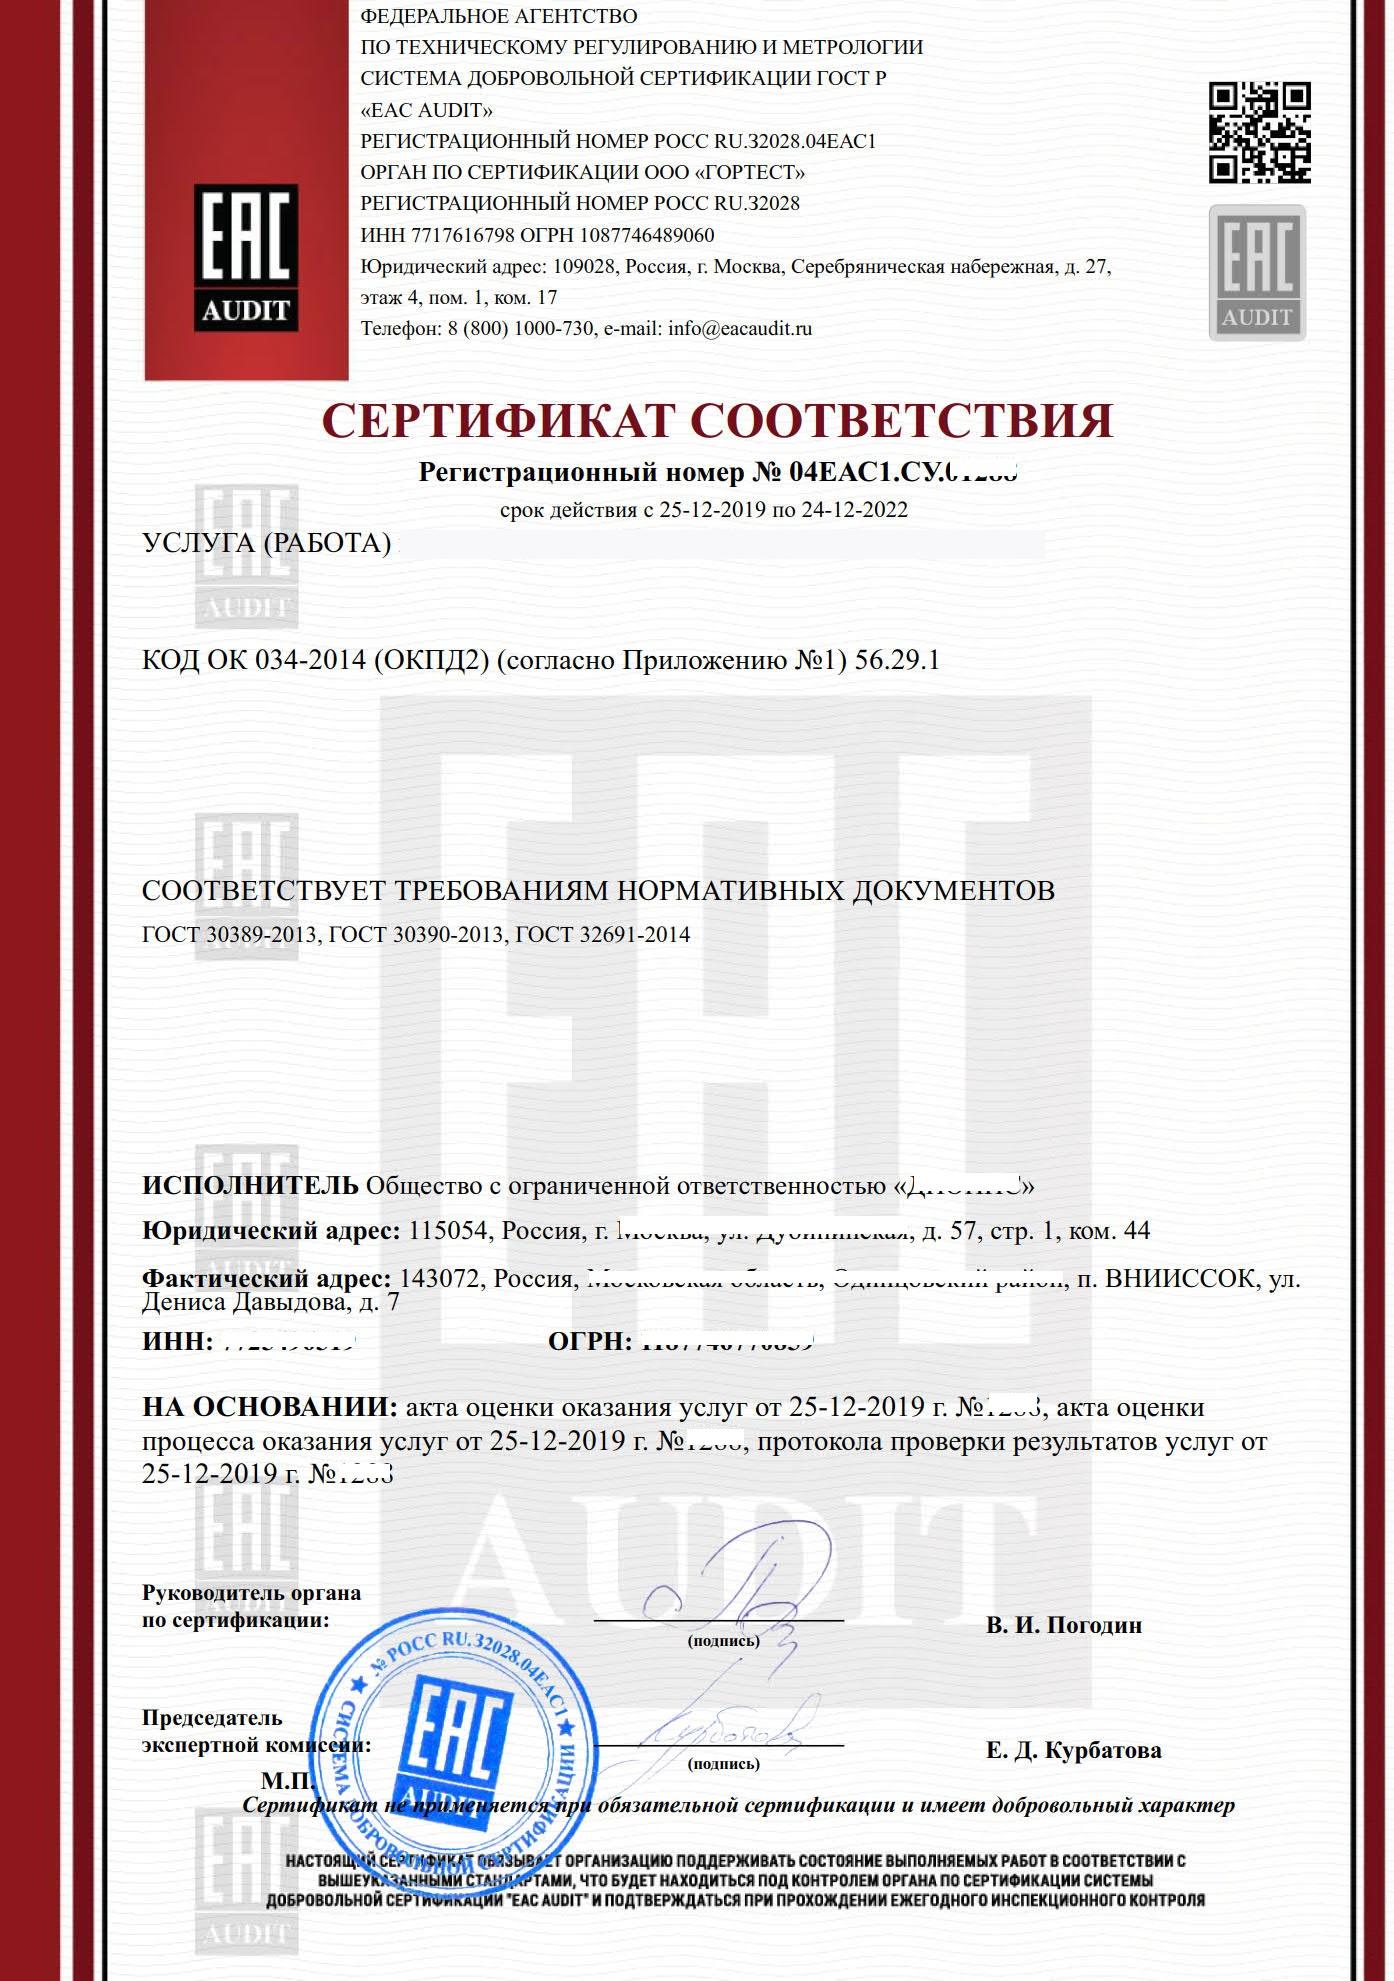 https://spbcsm.ru/sistemy-menedzhmenta-kachestva/sertifikaciya-turisticheskix-uslug/#content